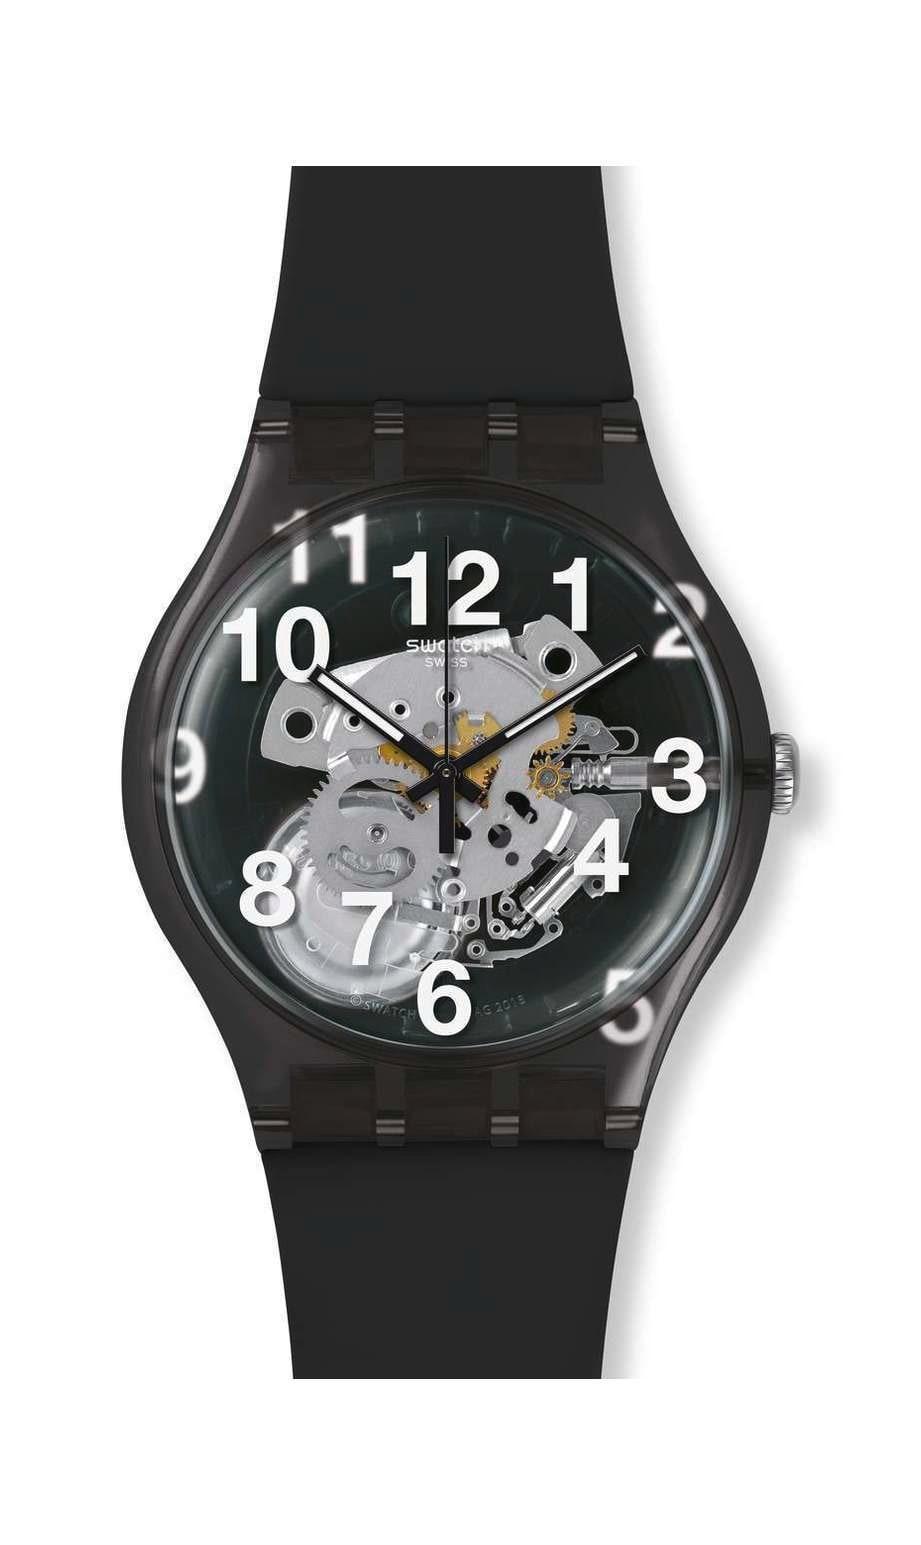 Swatch - BLACK BOARD - 1